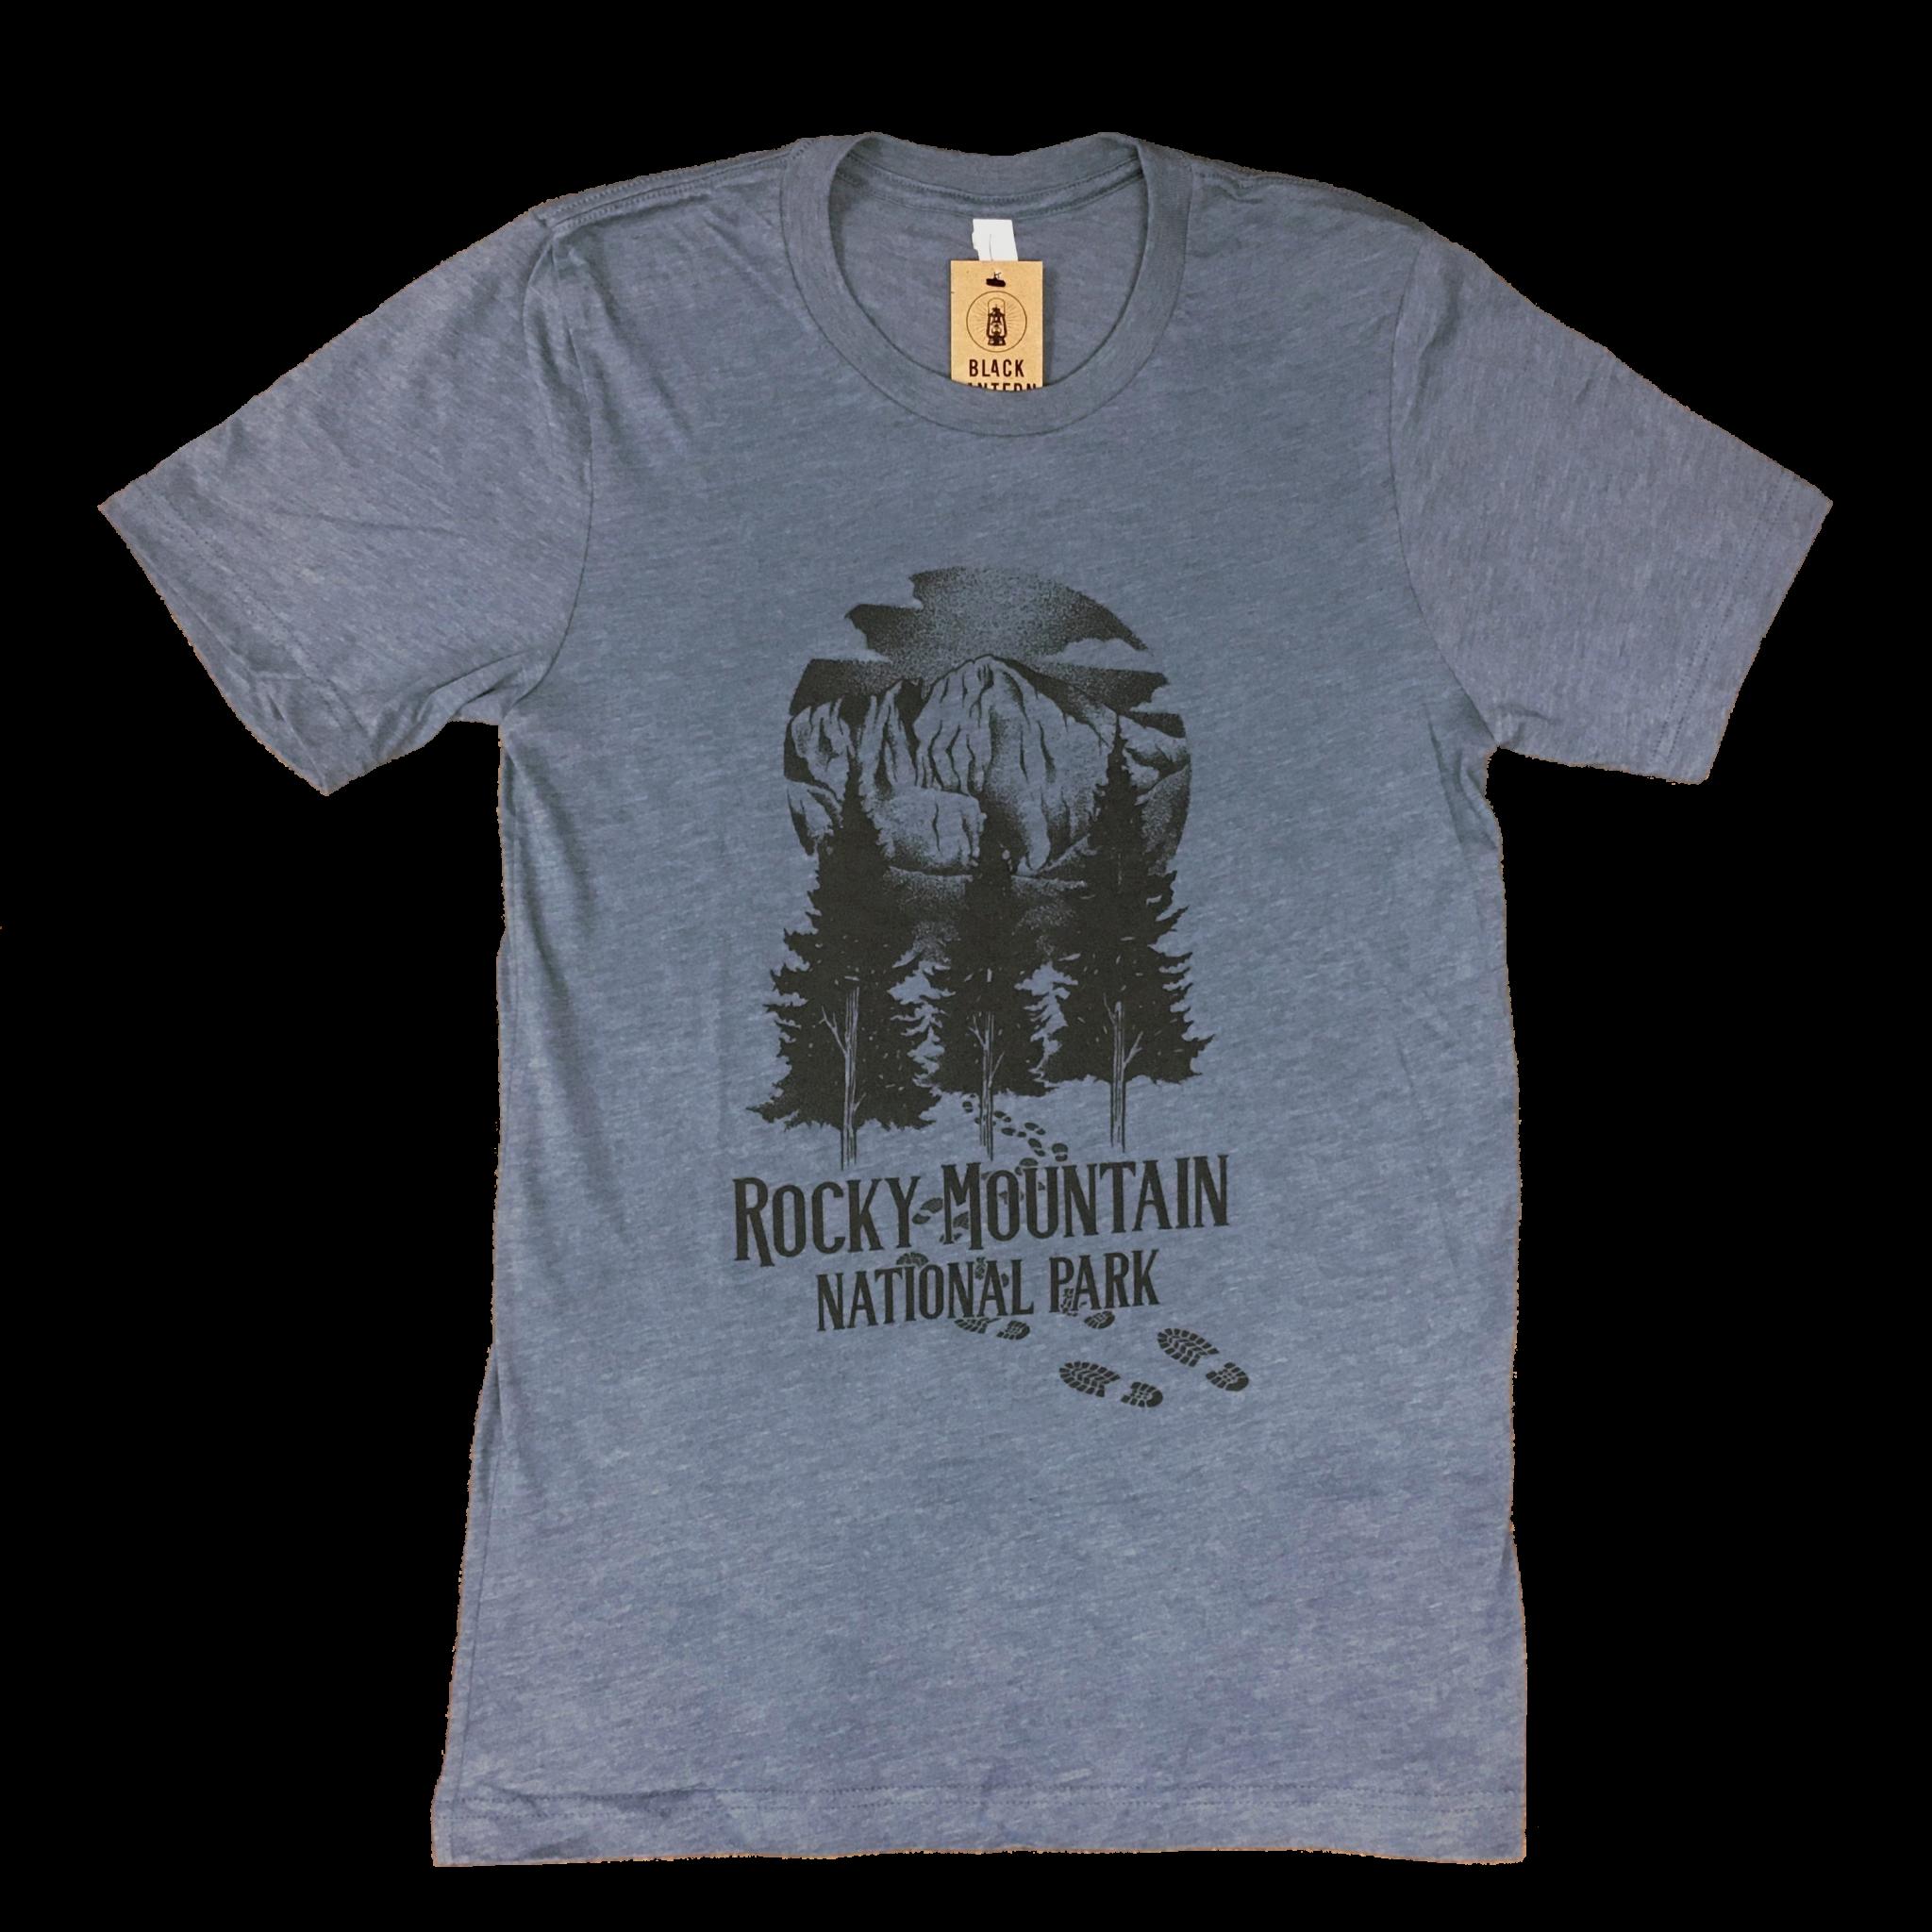 Blue Longs Peak shirt